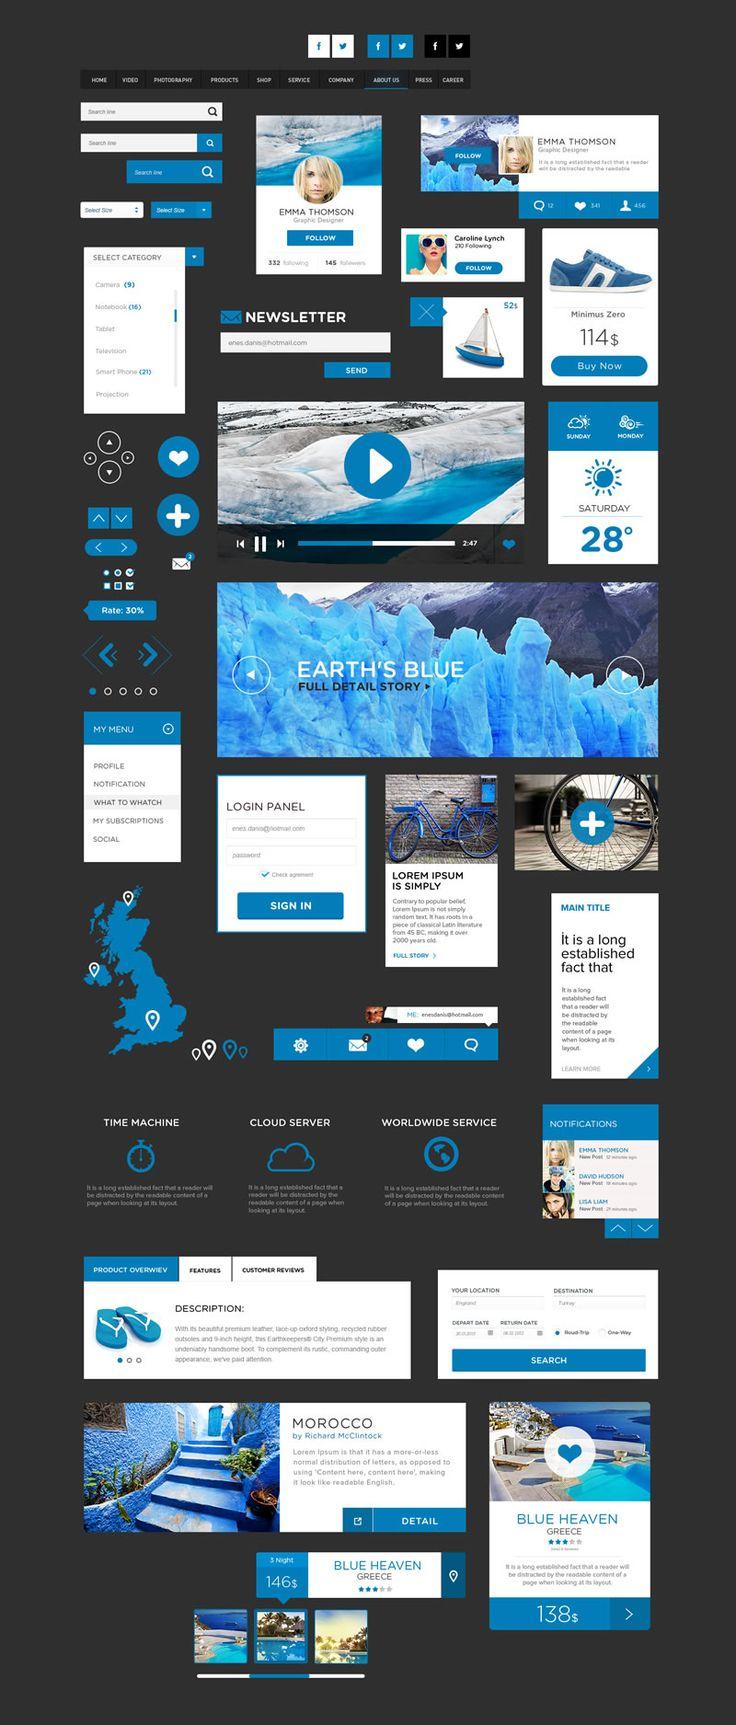 Freebie: The Flat Design UI Pack (PSD)